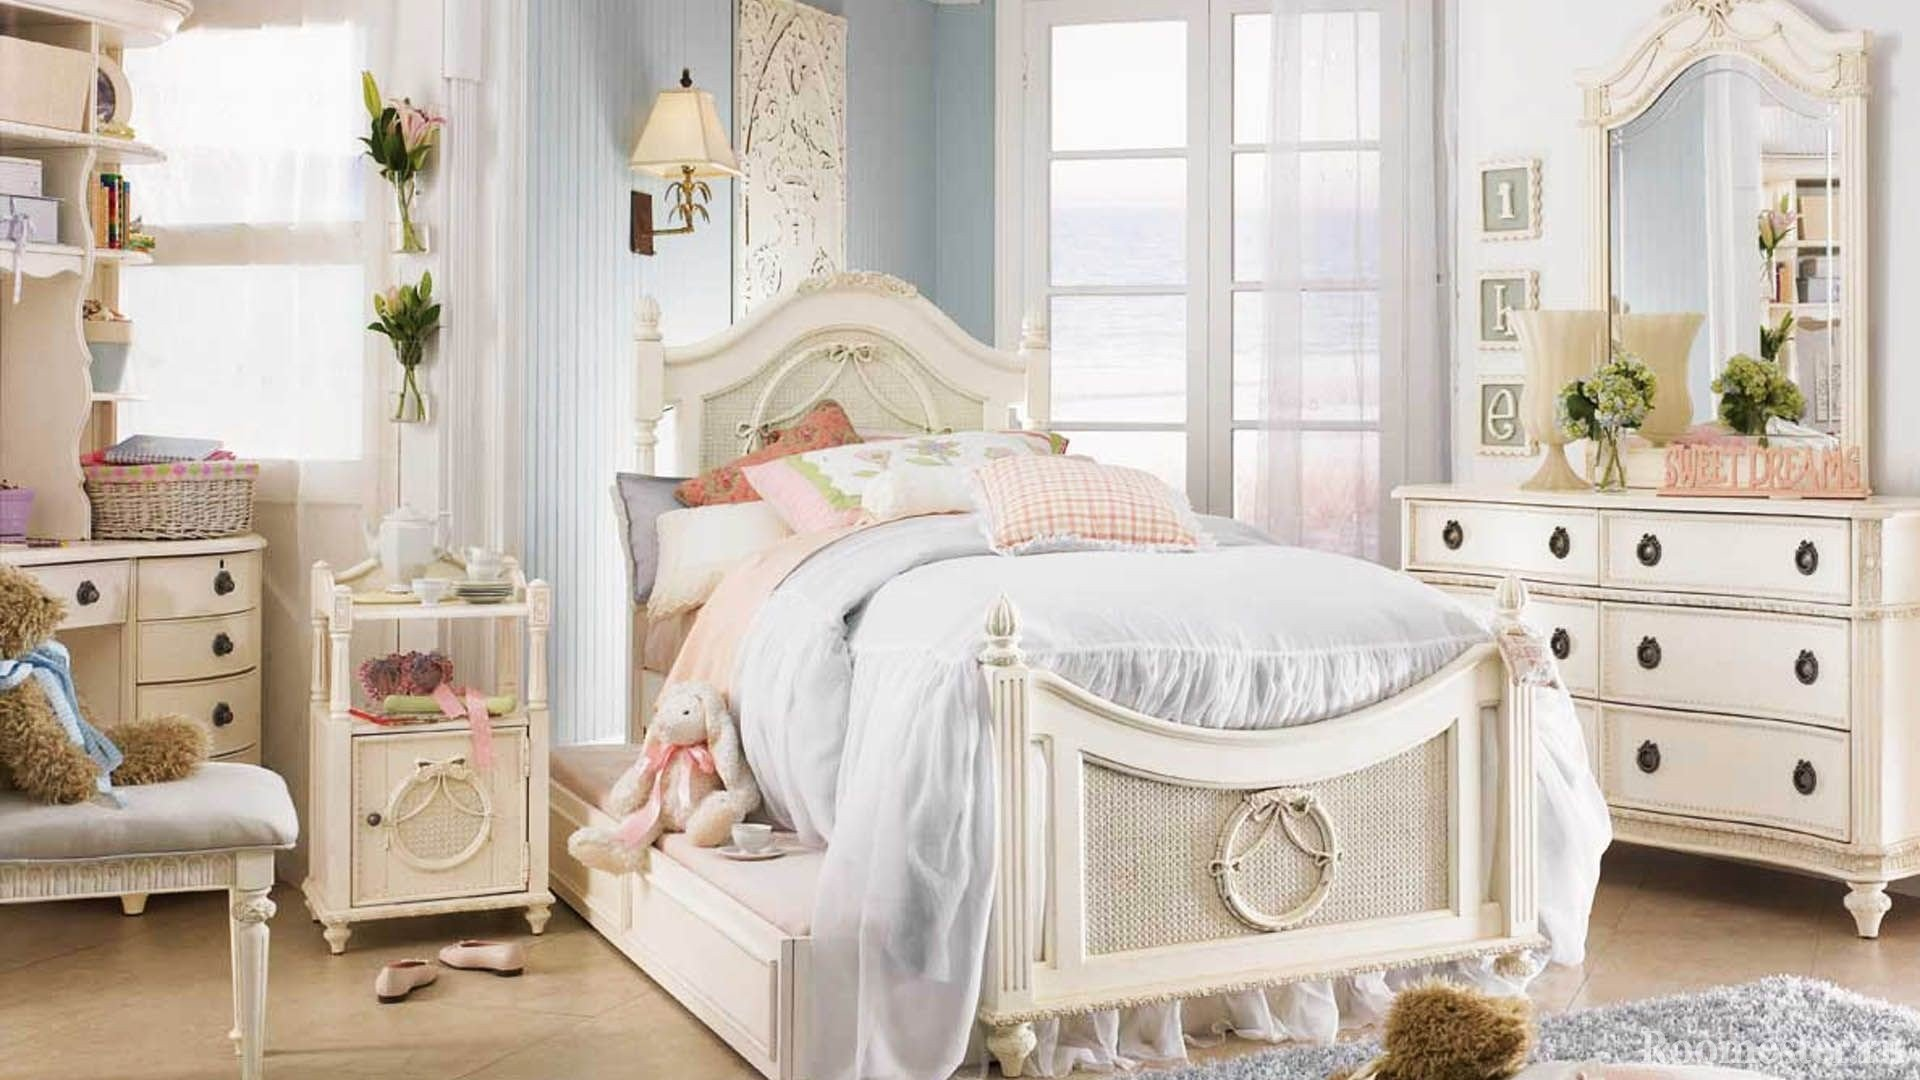 Идеи дизайна детской комнаты для девочки - 30 фото интерьера